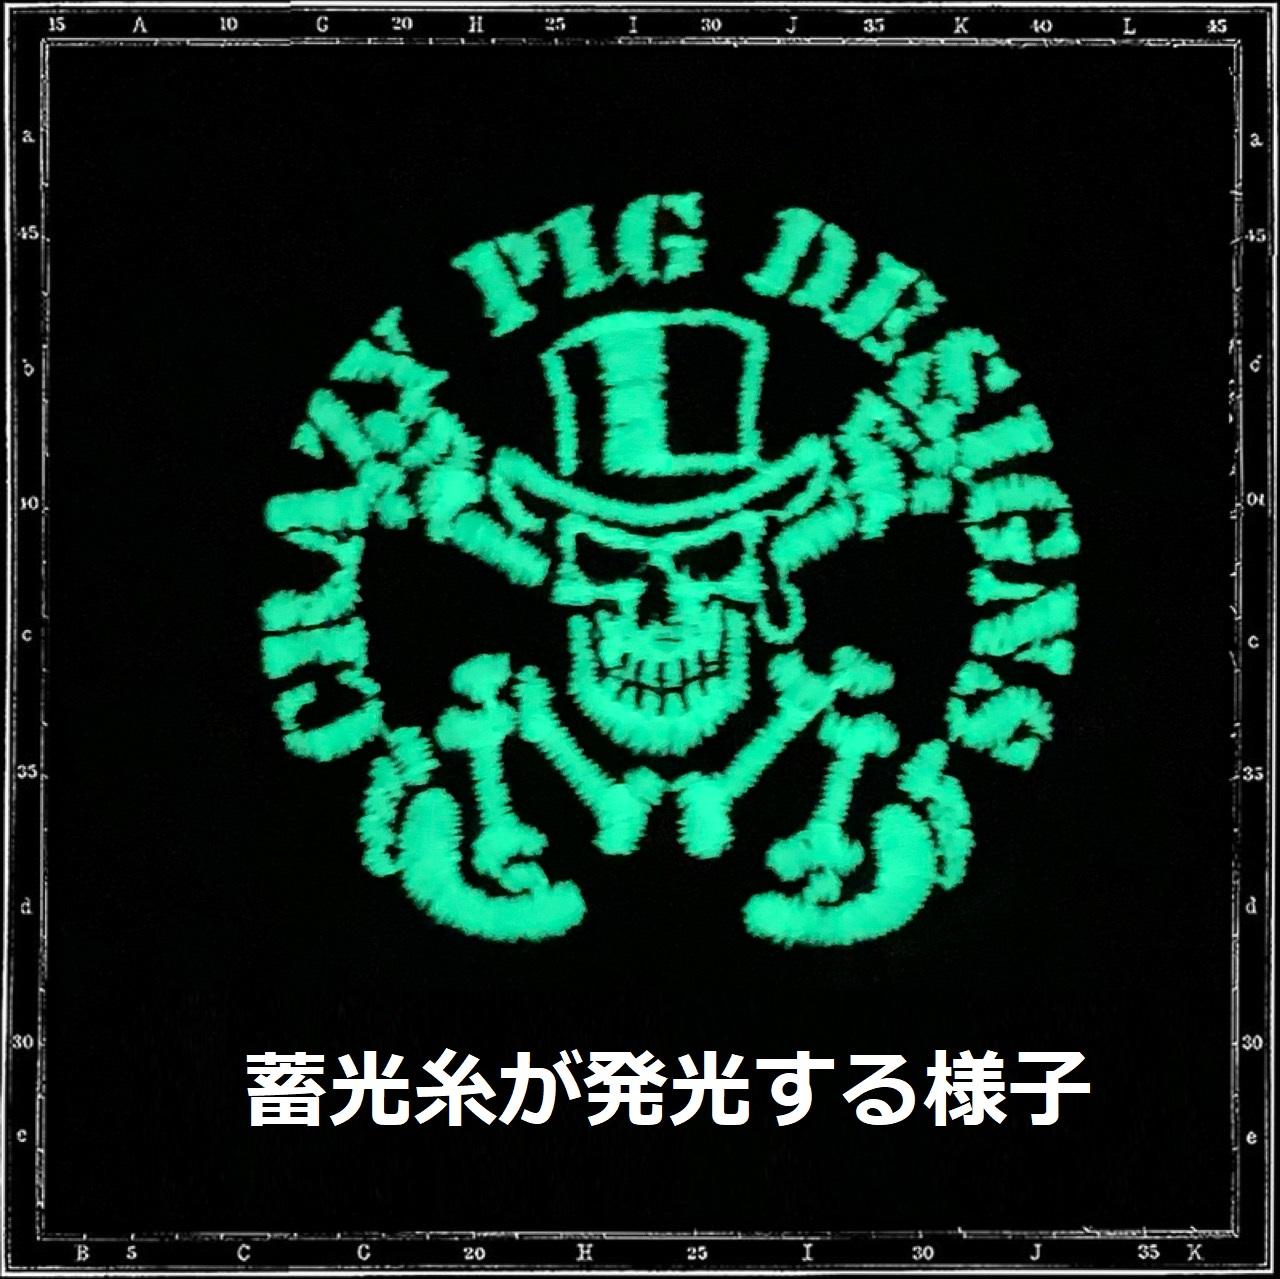 CRAZY PIG BLACK WRISTBAND